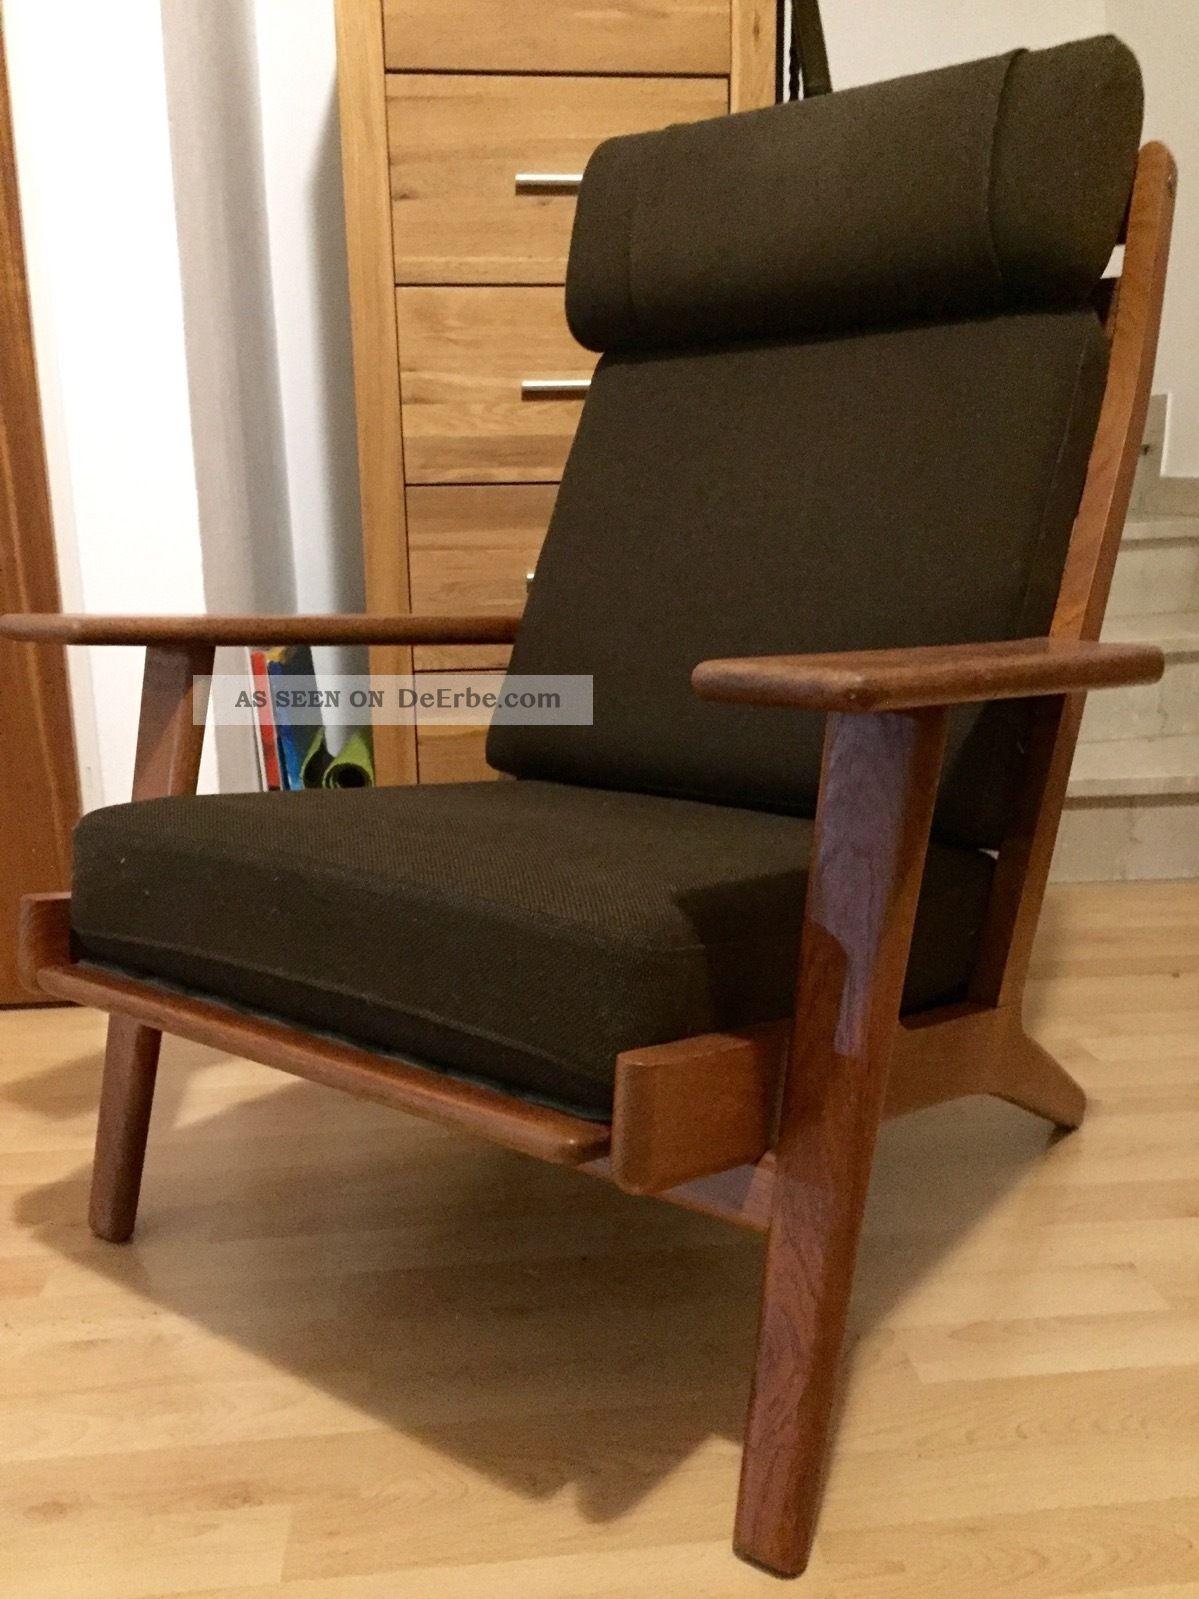 wegner getama high back sessel 60er teak. Black Bedroom Furniture Sets. Home Design Ideas